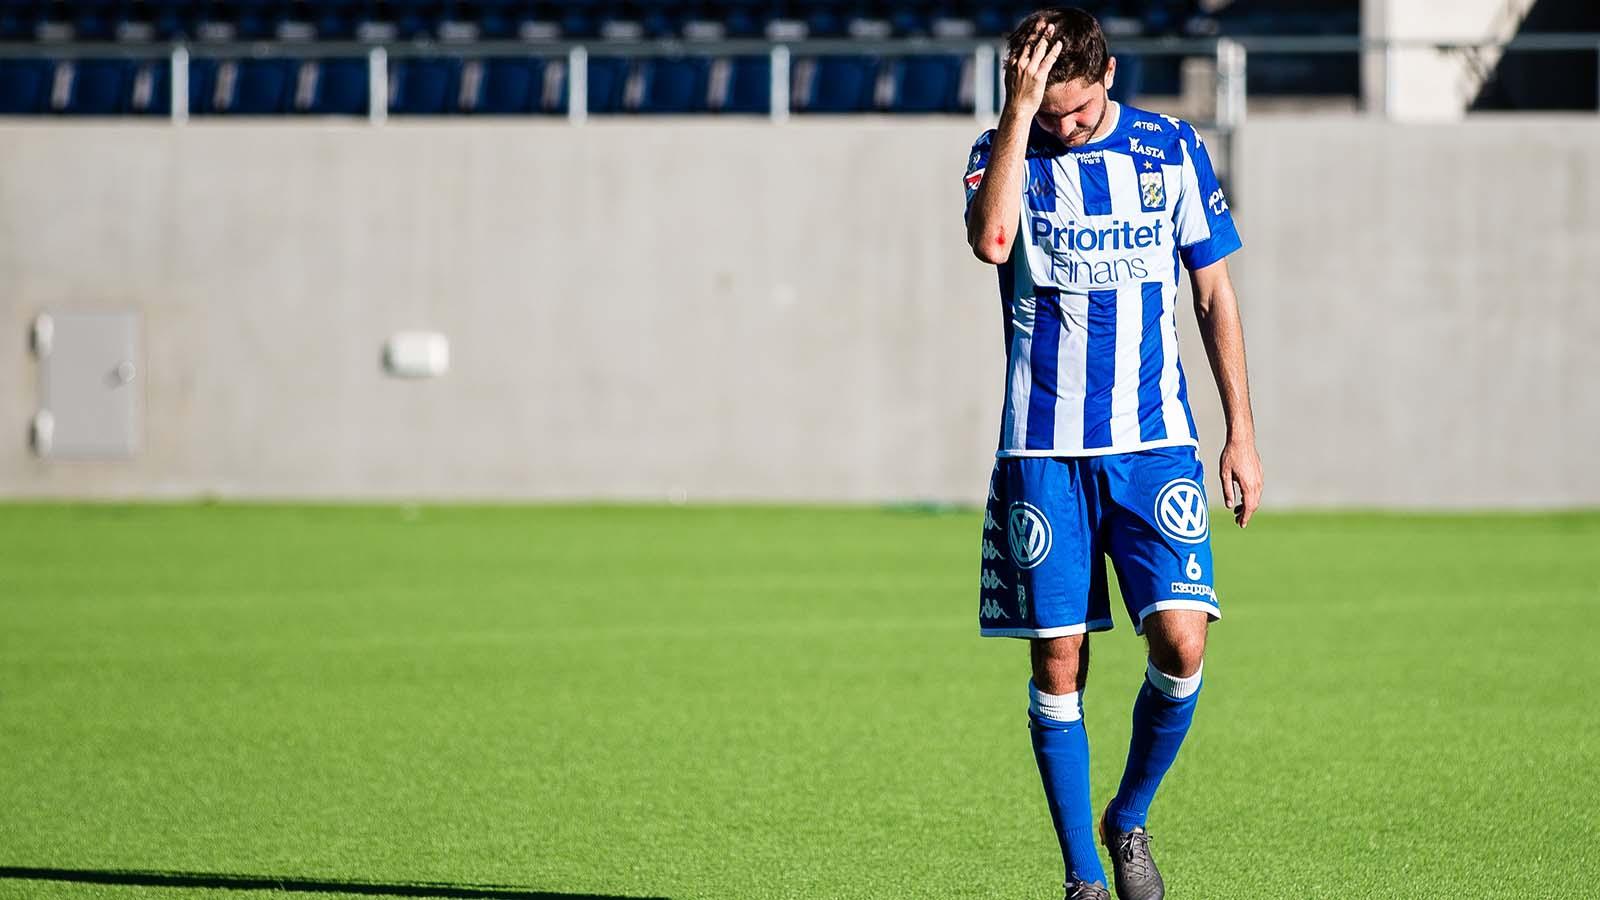 180902 IFK Göteborgs Fredrik Oldrup Jensen deppar efter fotbollsmatchen i Allsvenskan mellan Dalkurd och IFK Göteborg den 2 September 2018 i Gävle. Foto: Kenta Jönsson / BILDBYRÅN / Cop 210